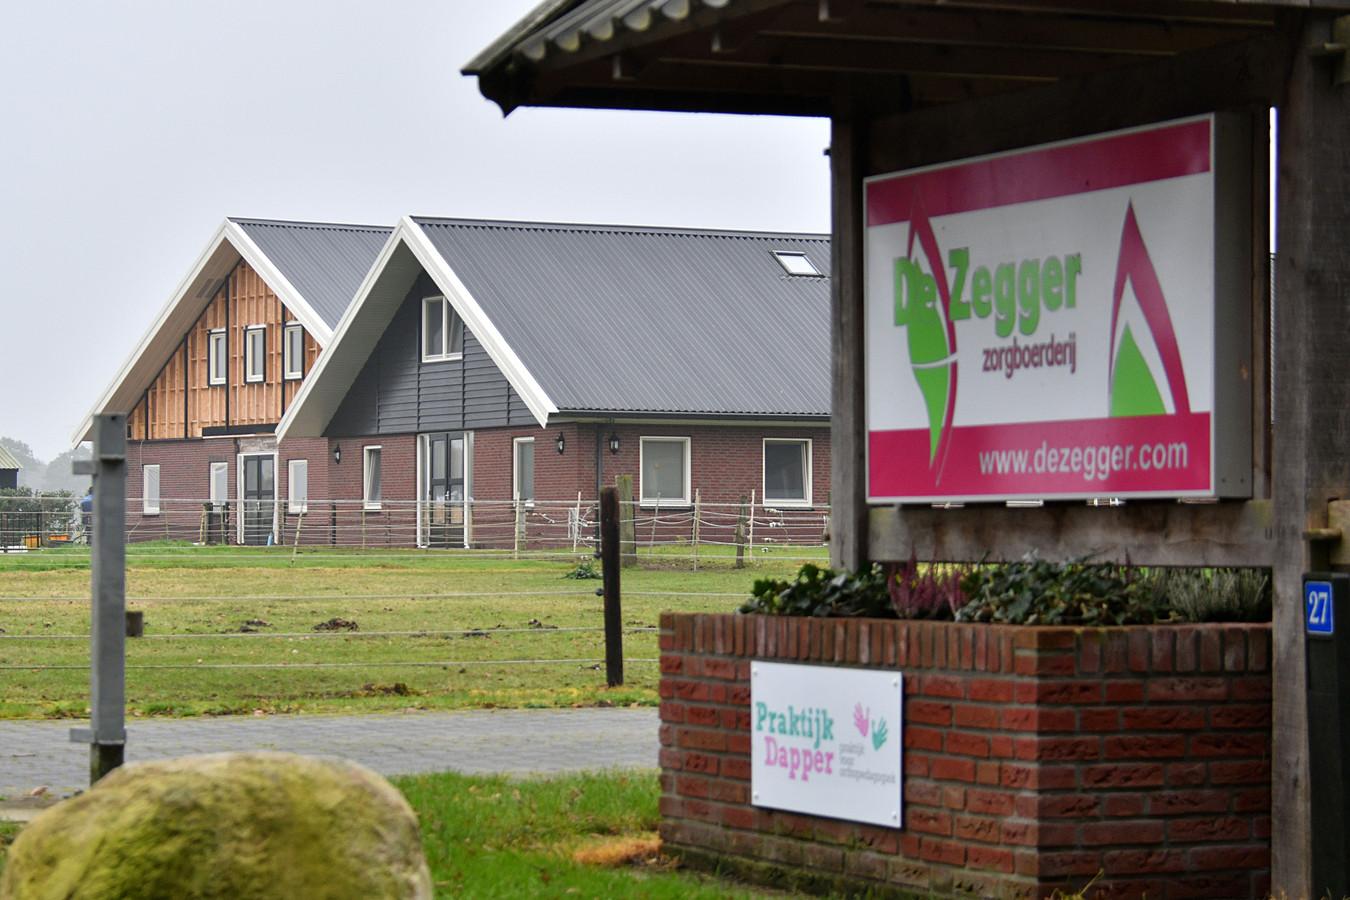 Zorgboerderij De Zegger mag uitbreiden, omwonenden verzetten zich hiertegen.